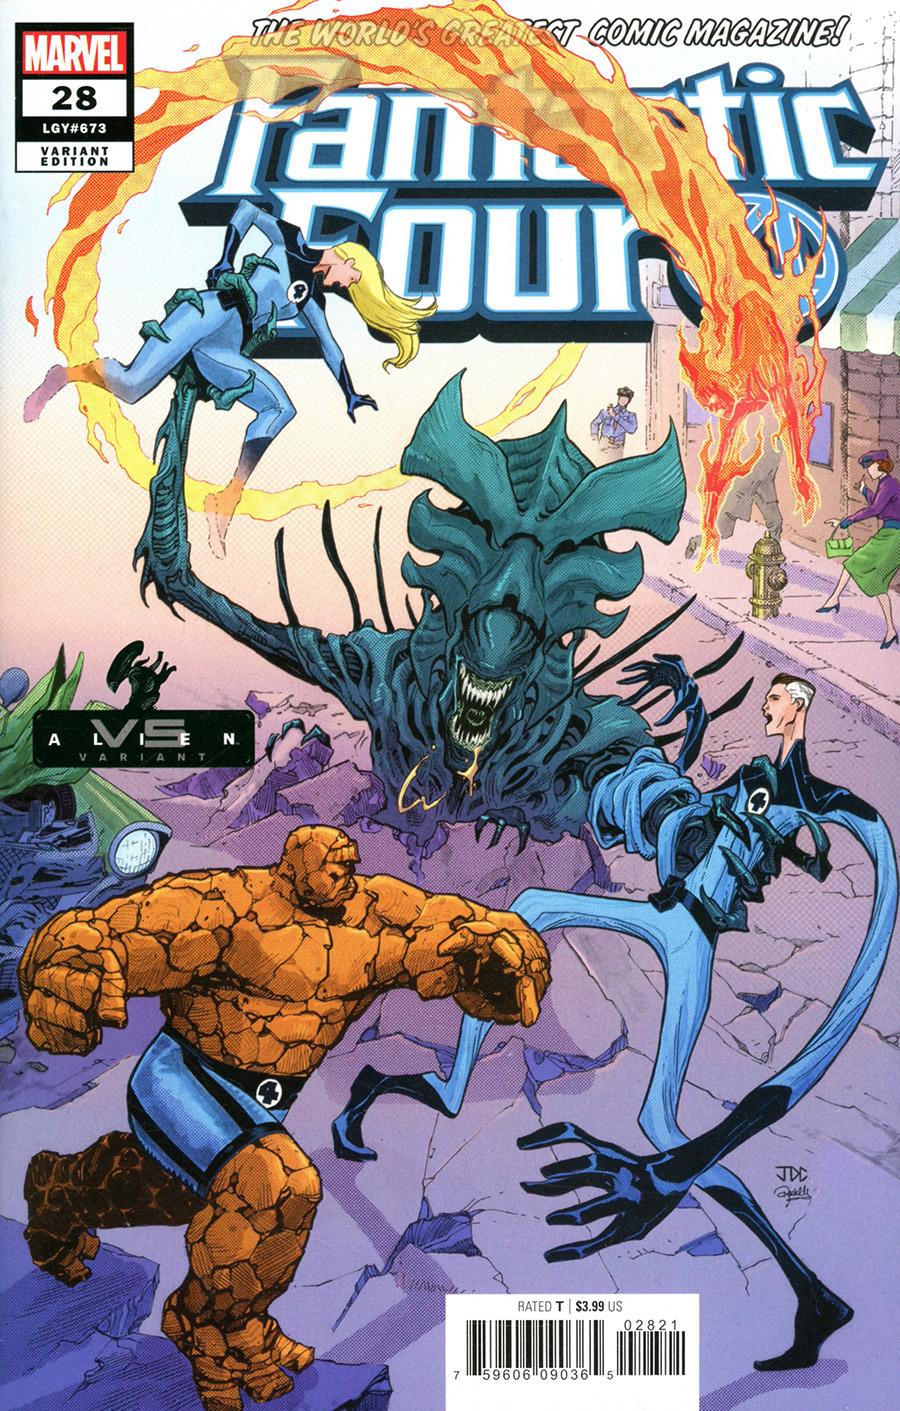 Fantastic Four Vol 6 #28 Cover B Variant Joshua Cassara Marvel vs Alien Cover